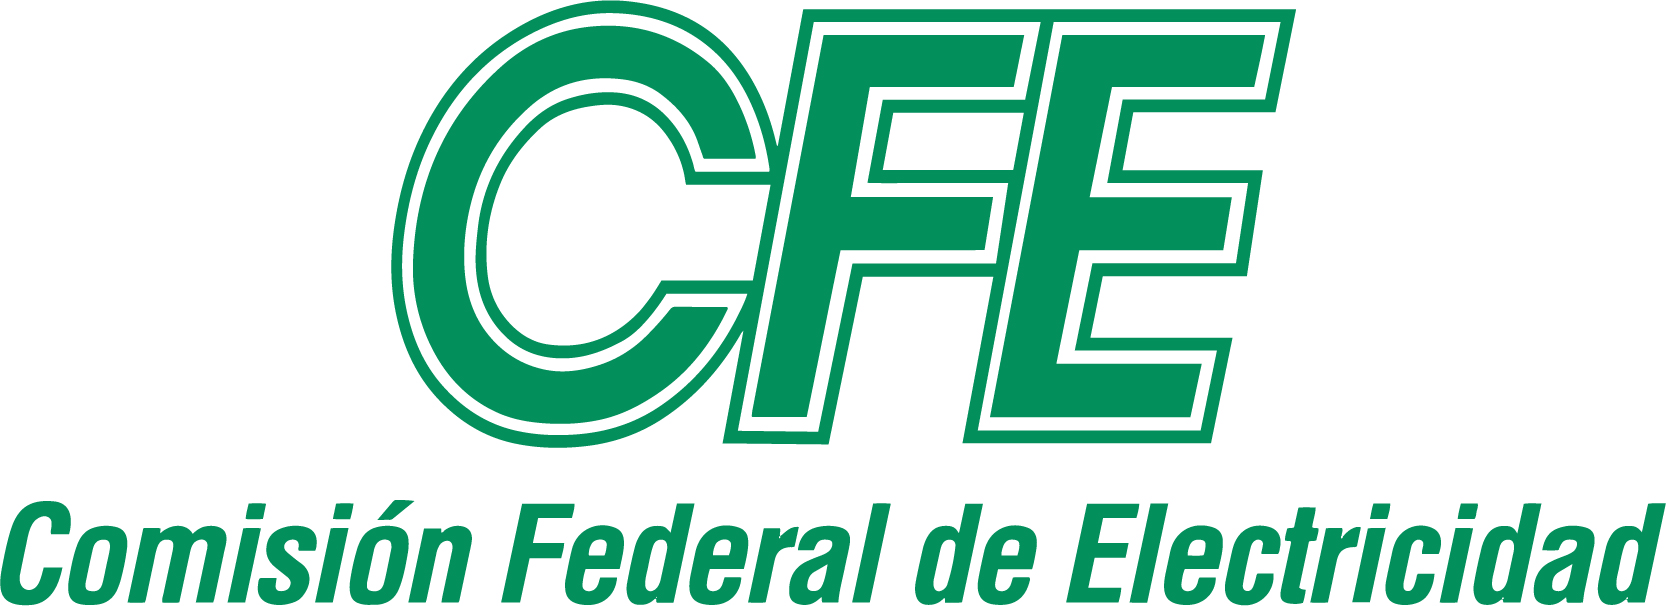 Comisión_Federal_de_Electricidad_(logo).